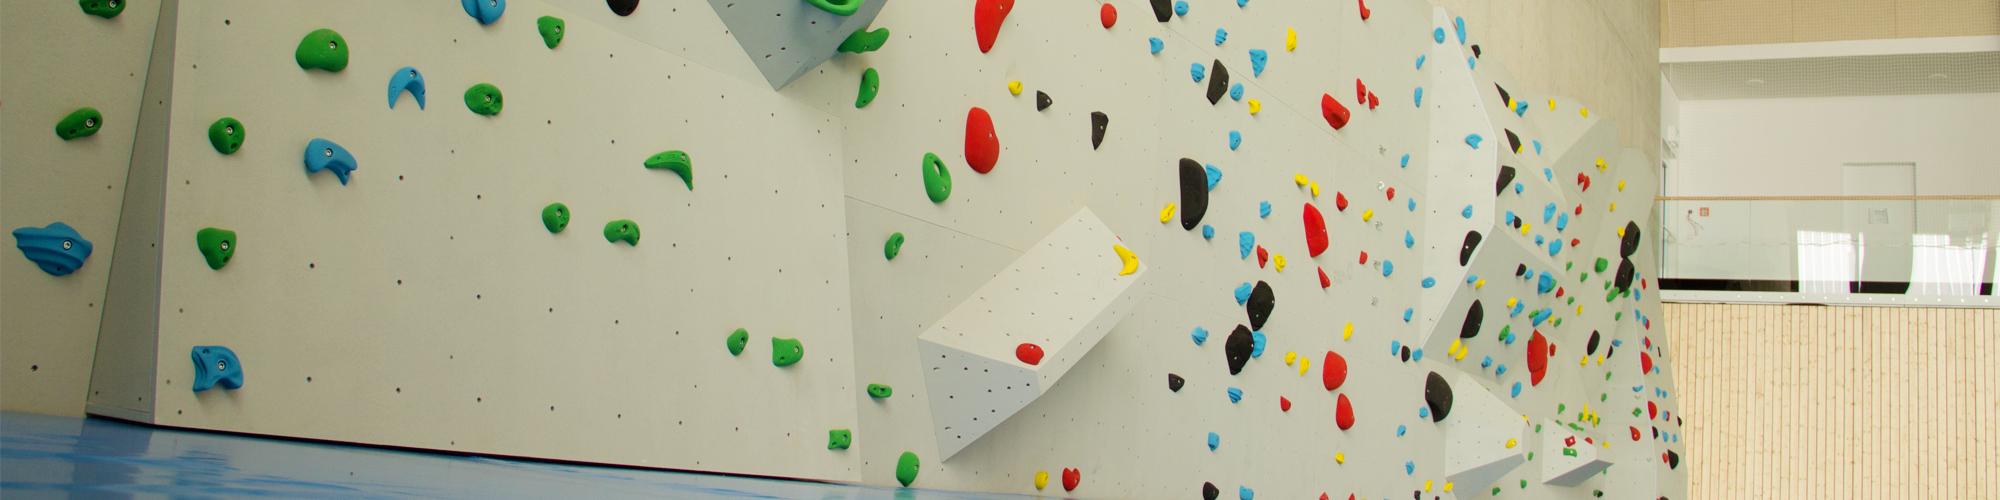 kletter- und boulderwände - konzeption und bau durch kristallturm®